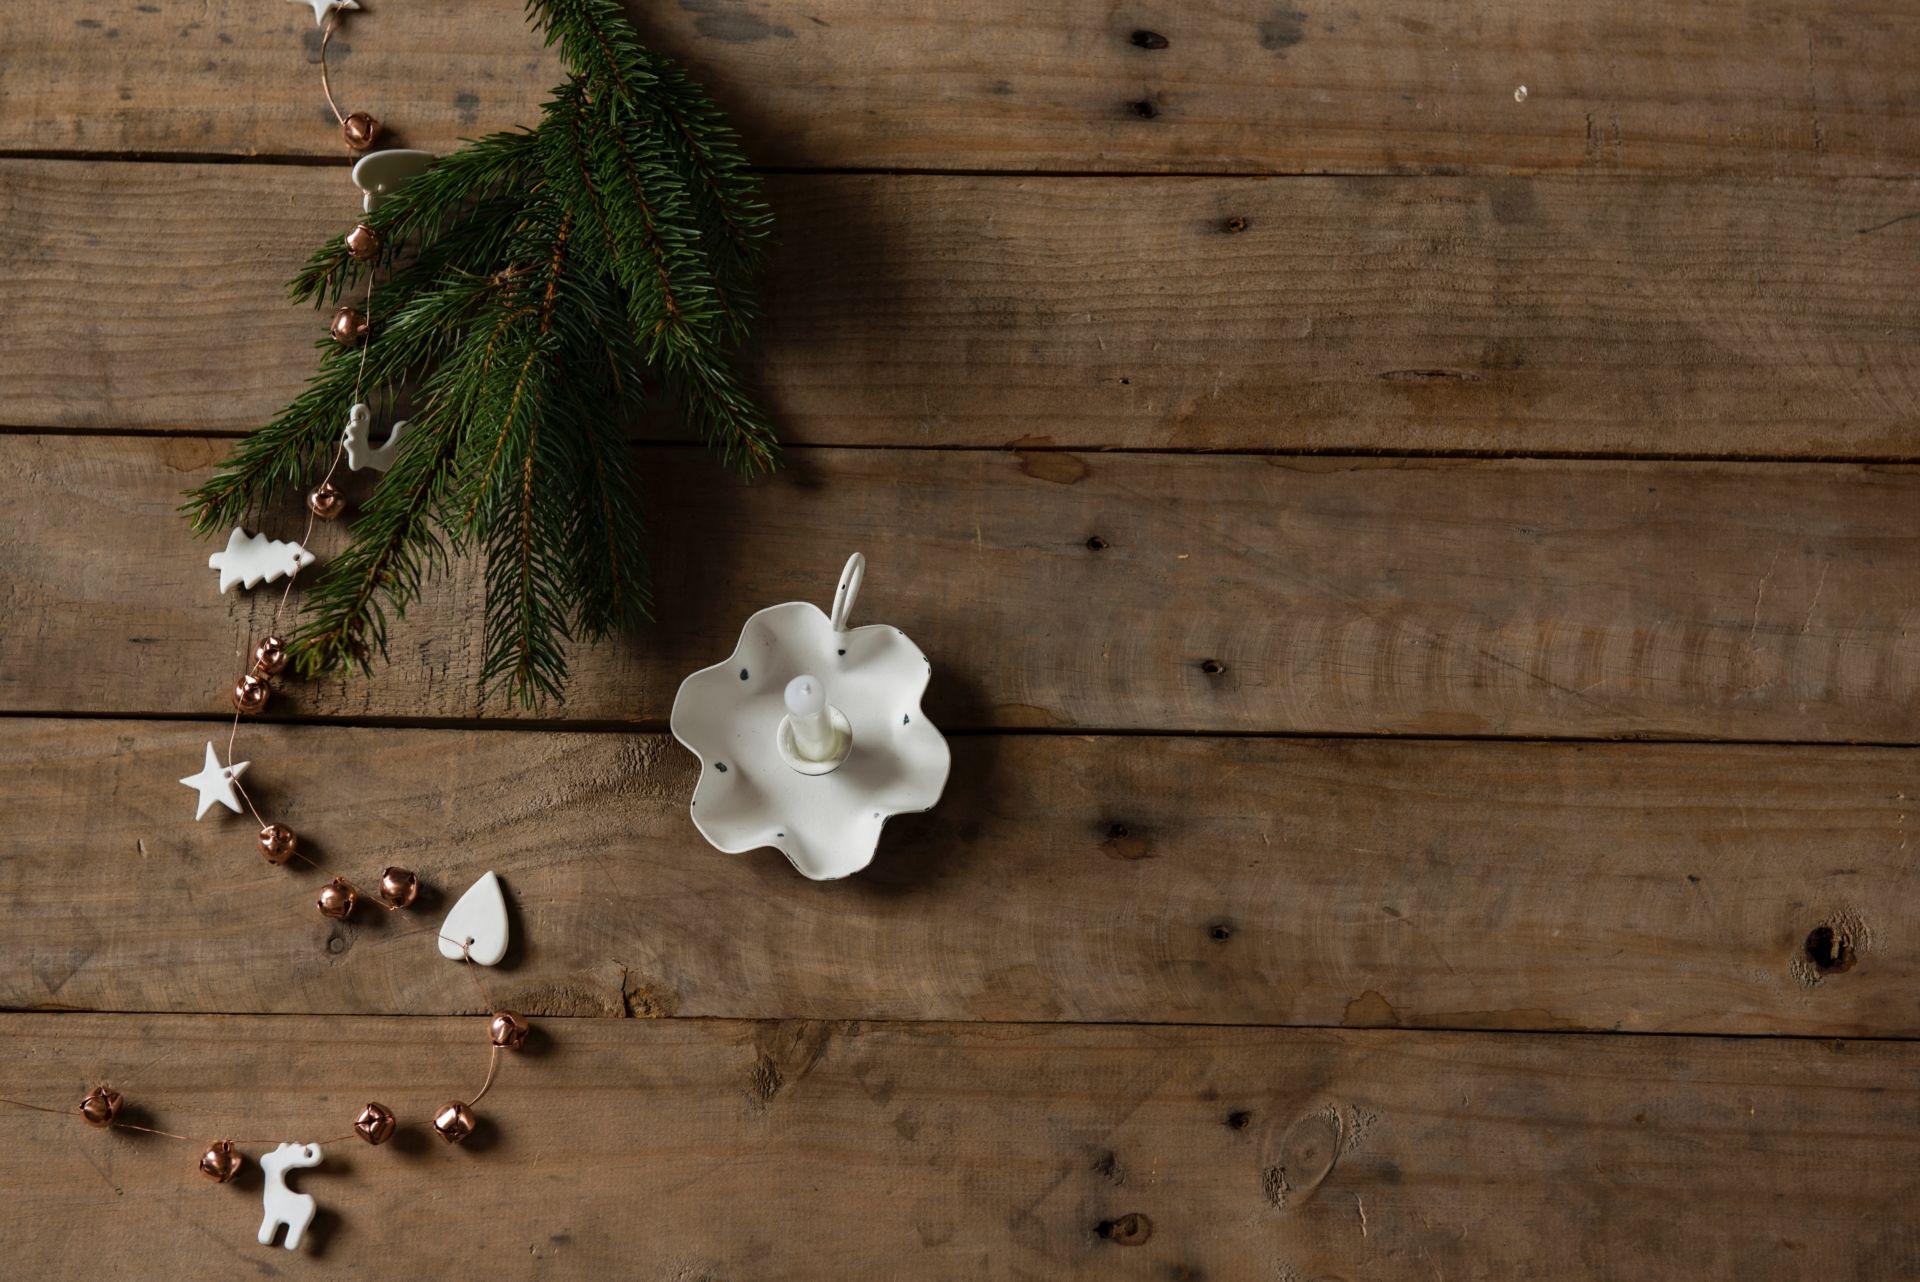 Joulukoristeita, havunoksa ja kynttilä puisella pöydällä.